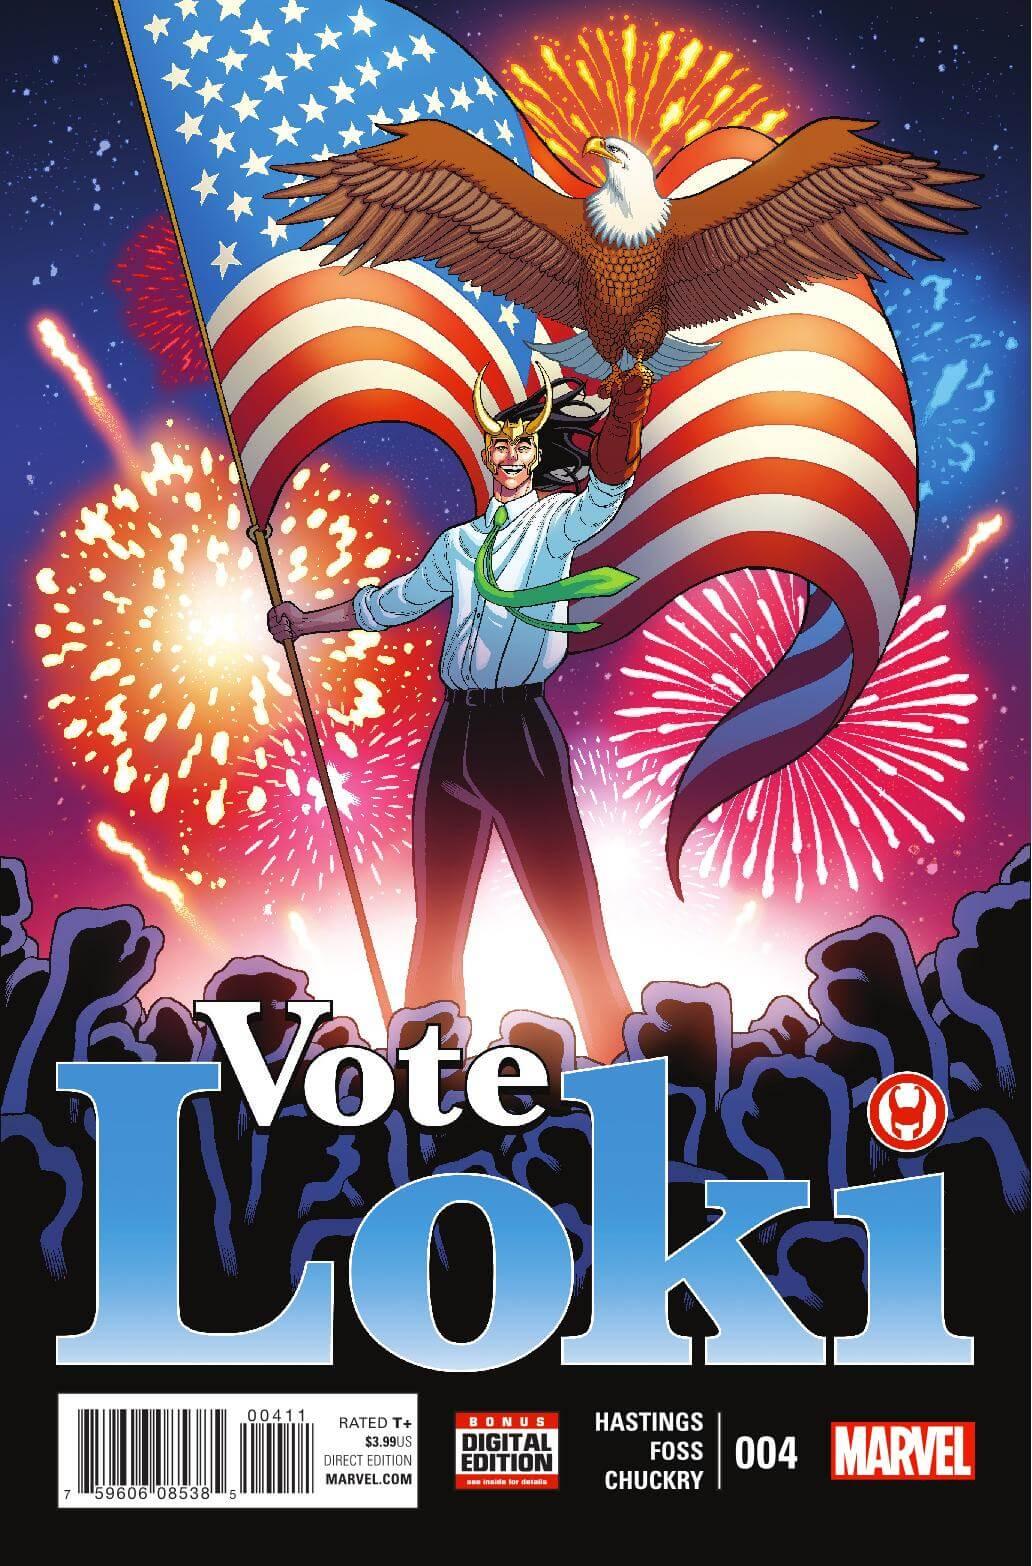 voteloki2016004_dc11_1